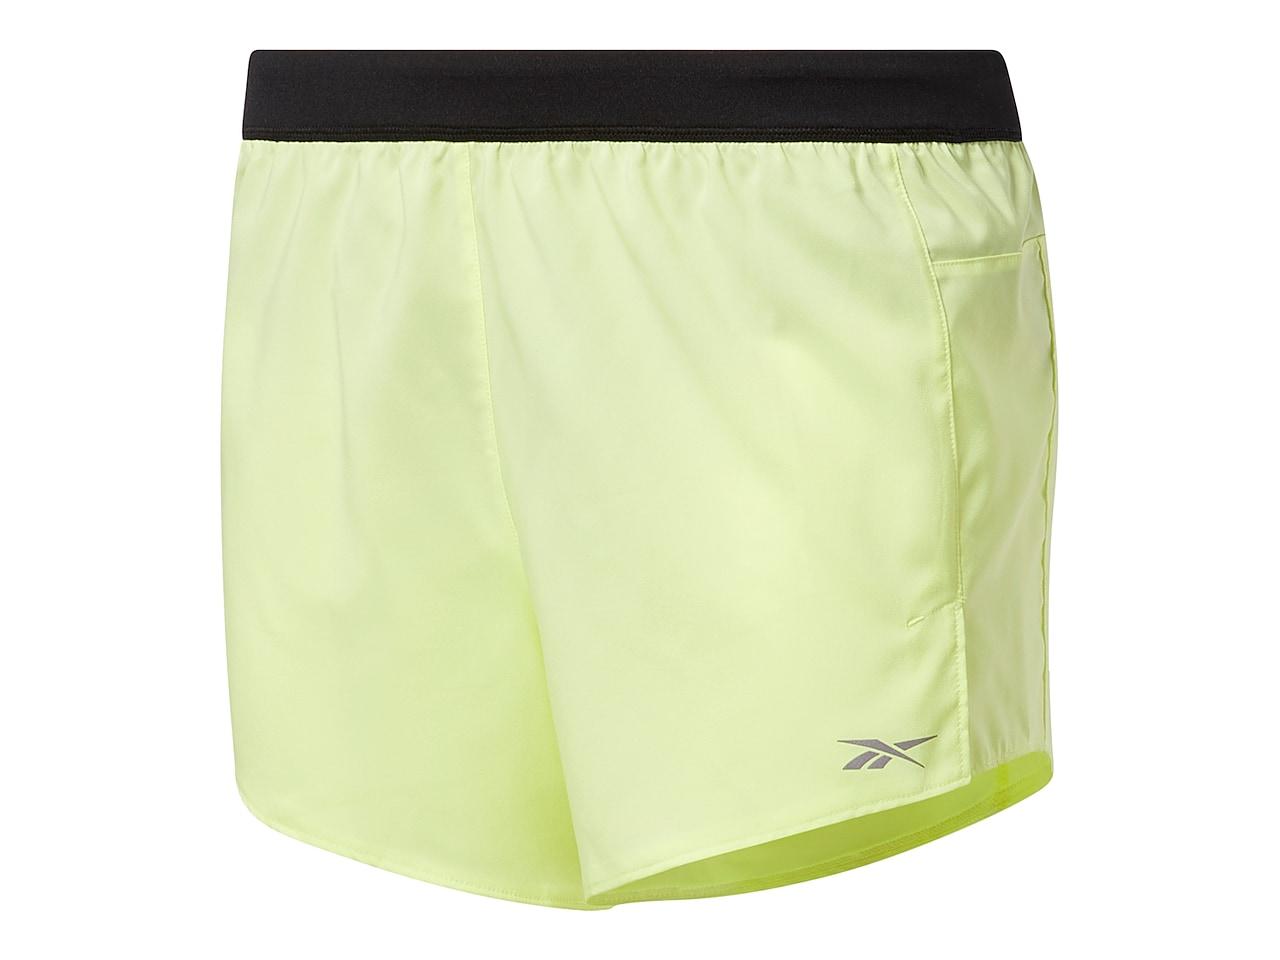 Reebok Running Essentials Women's 4-Inch Shorts